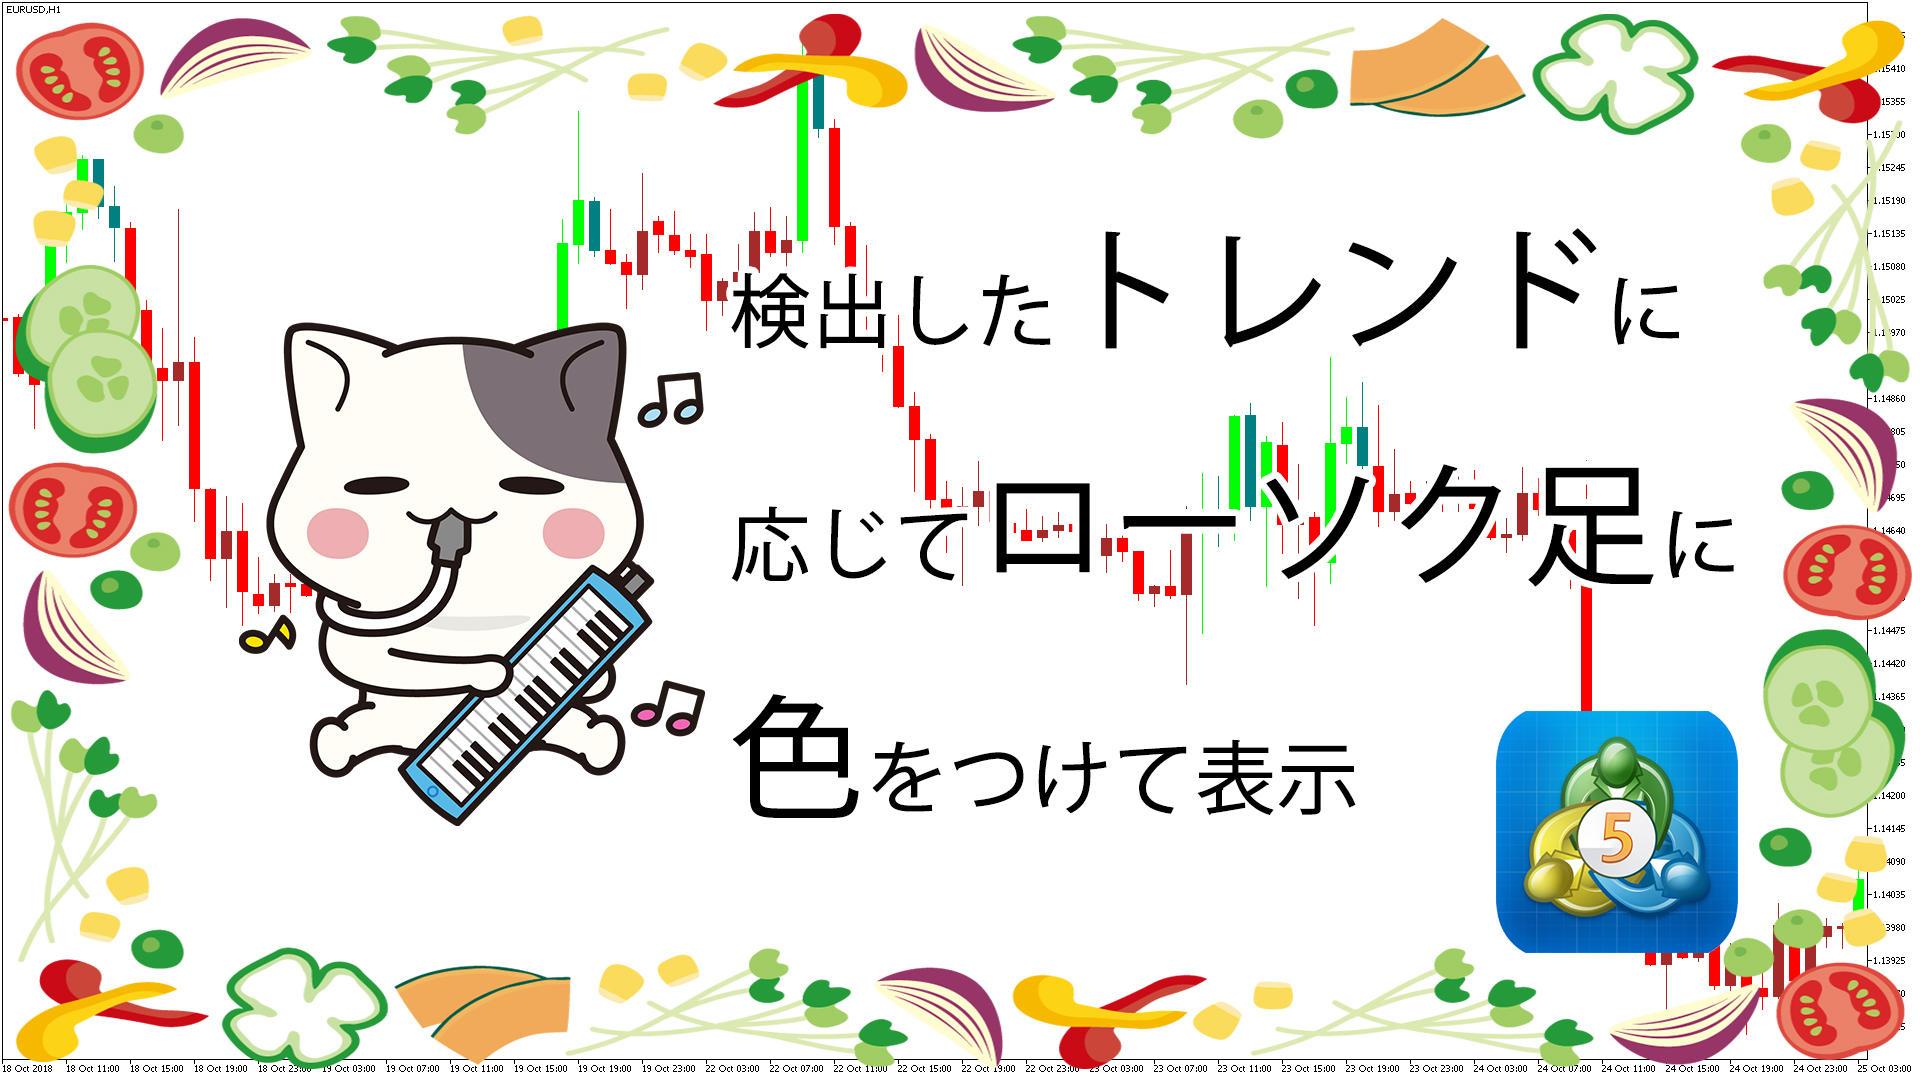 検出したトレンドに応じてローソク足に色をつけて表示するMT5インジケータ-「Skyscraper_Fix_Candle」